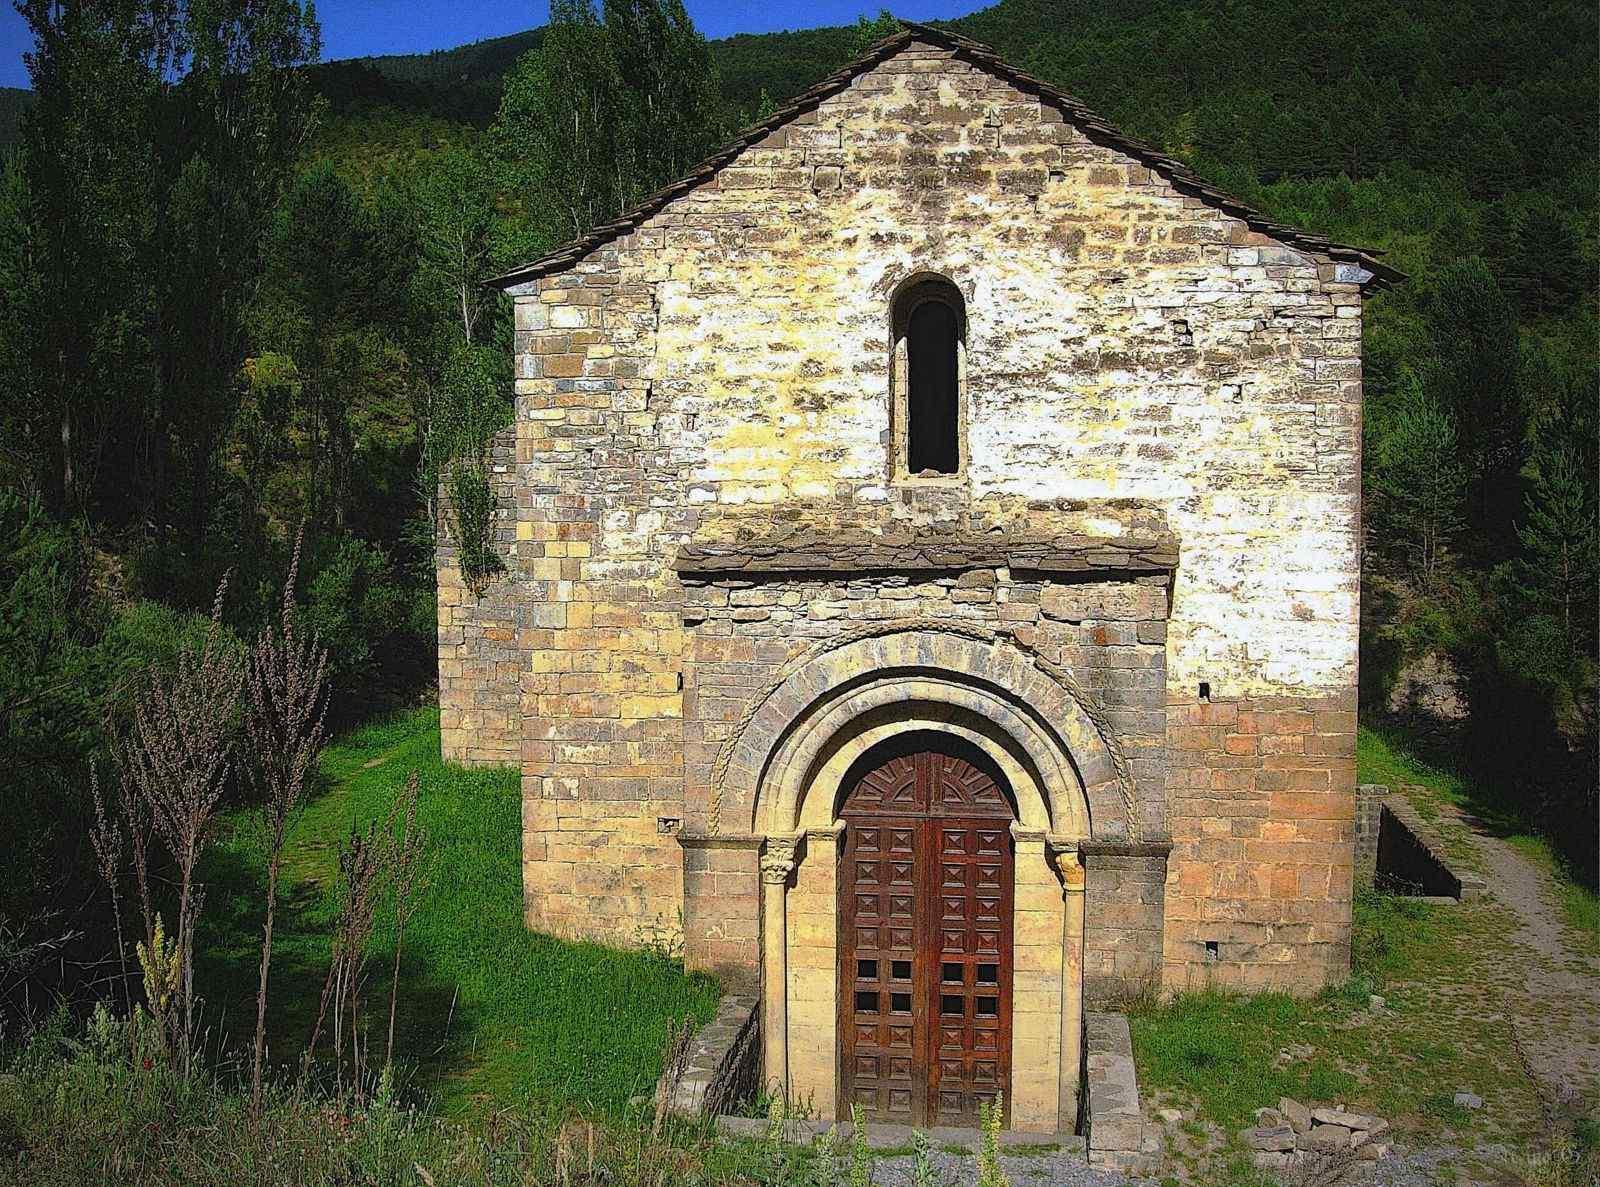 Borau, uno de los Valles más salvajes del Pirineo. 💚 Jornadas de Recreación gratuitas